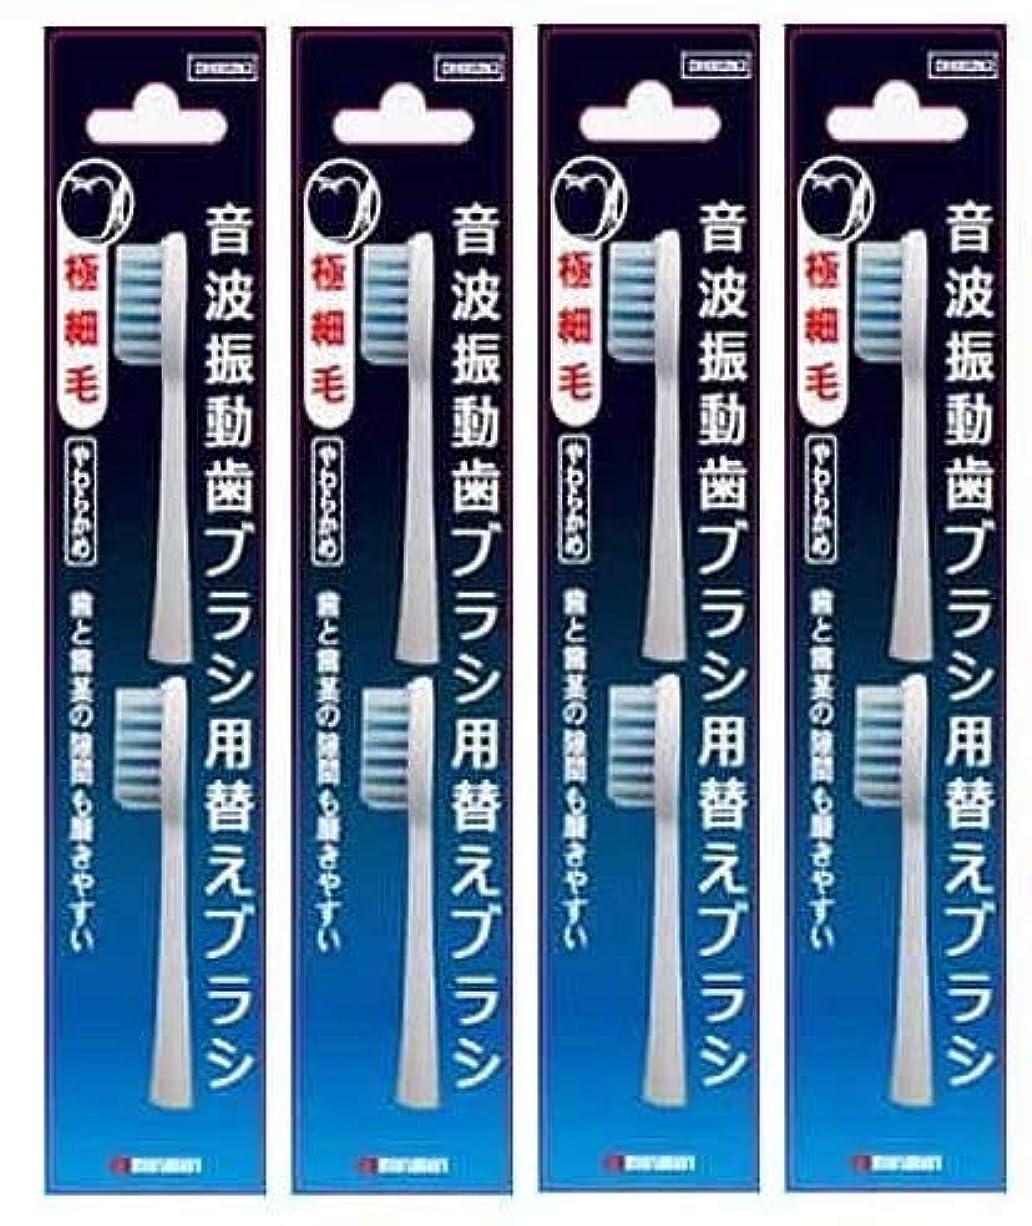 ほのめかす罹患率専門知識マルマン 電動歯ブラシ ミニモ/プロソニック1/プロソニック2/プロソニック3 対応 替えブラシ 極細毛 2本組 DK002N2 4個セット